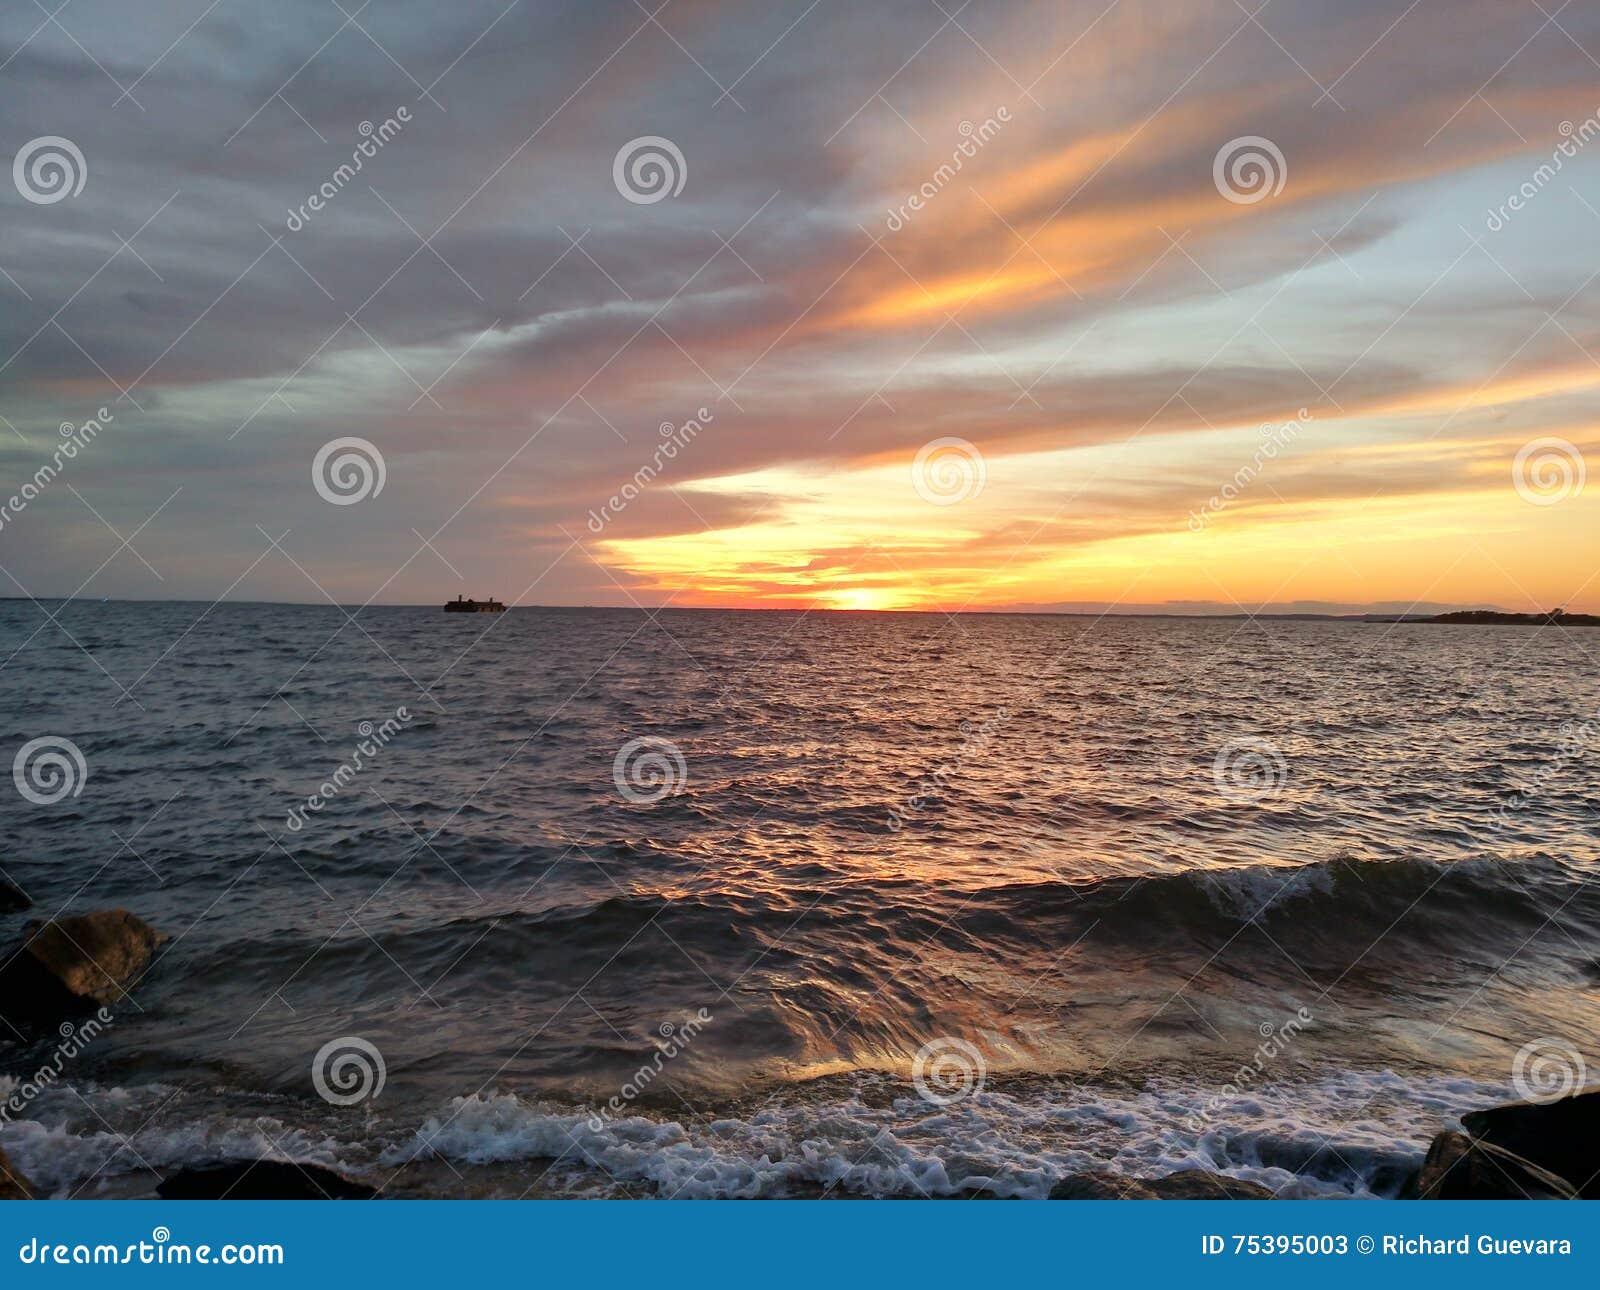 Meerblick, schöner Sonnenuntergang mit Niedrigwasserwellen